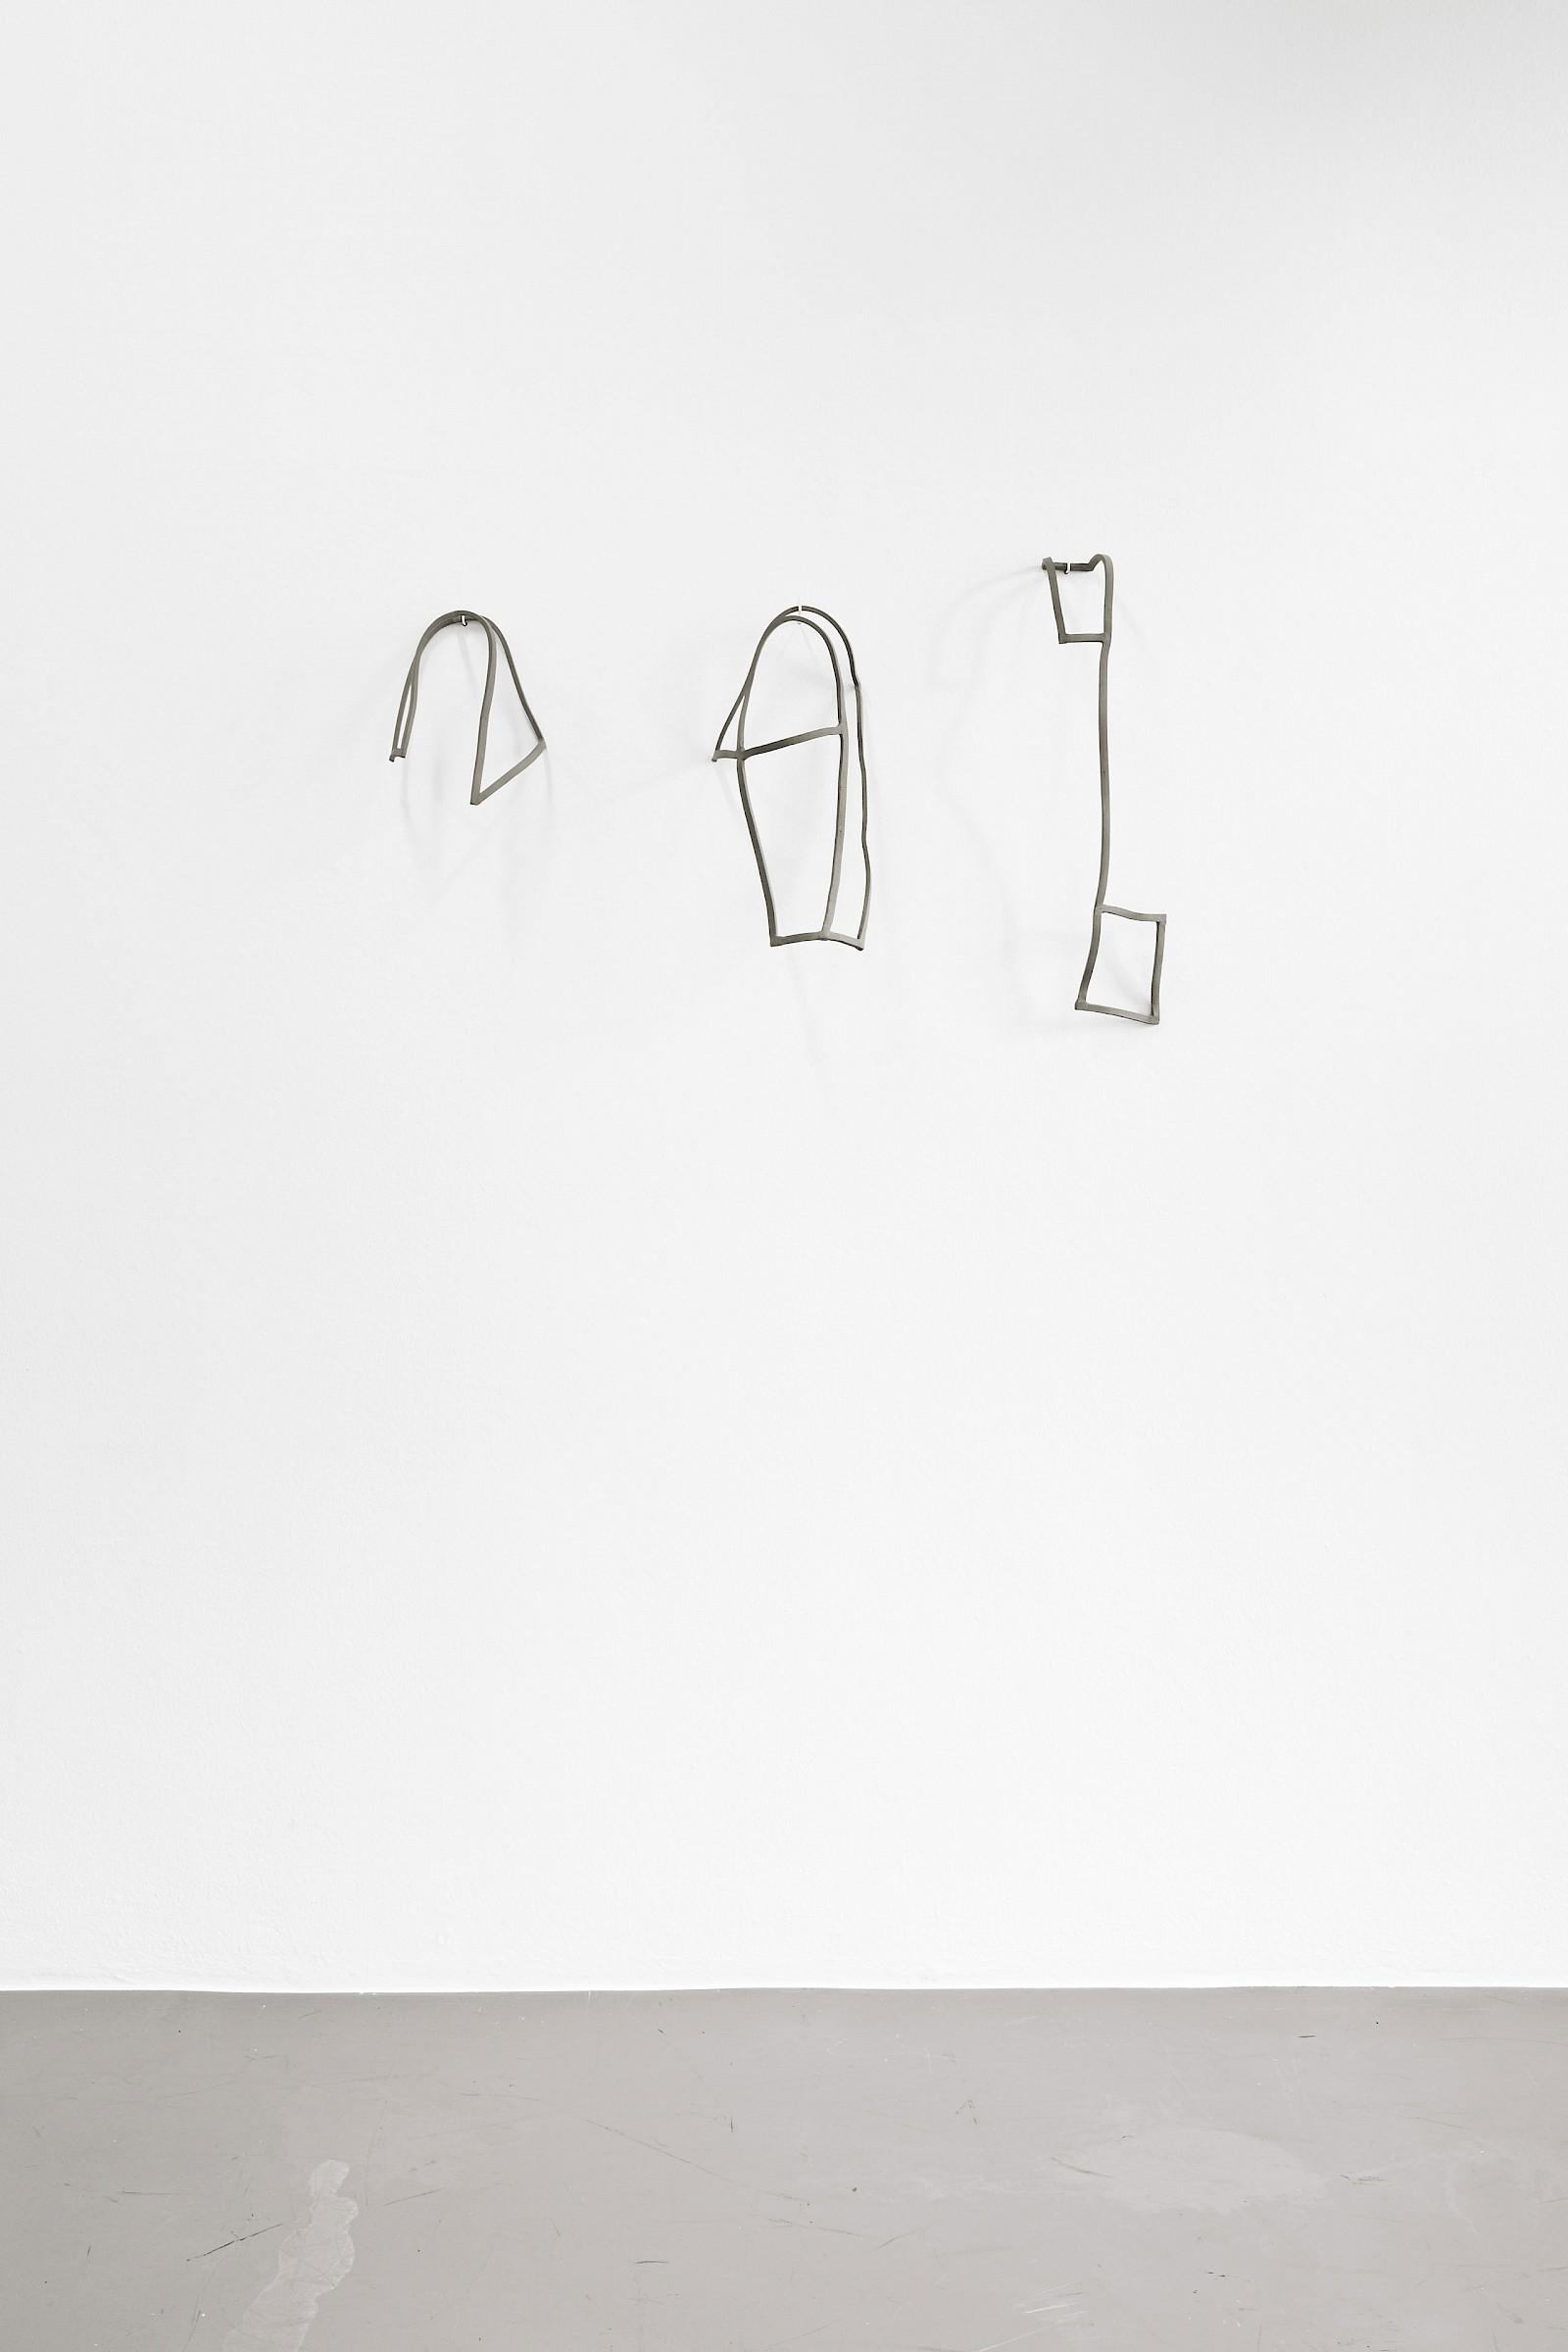 Image - Ceramics, 73 × 22 × 116cm